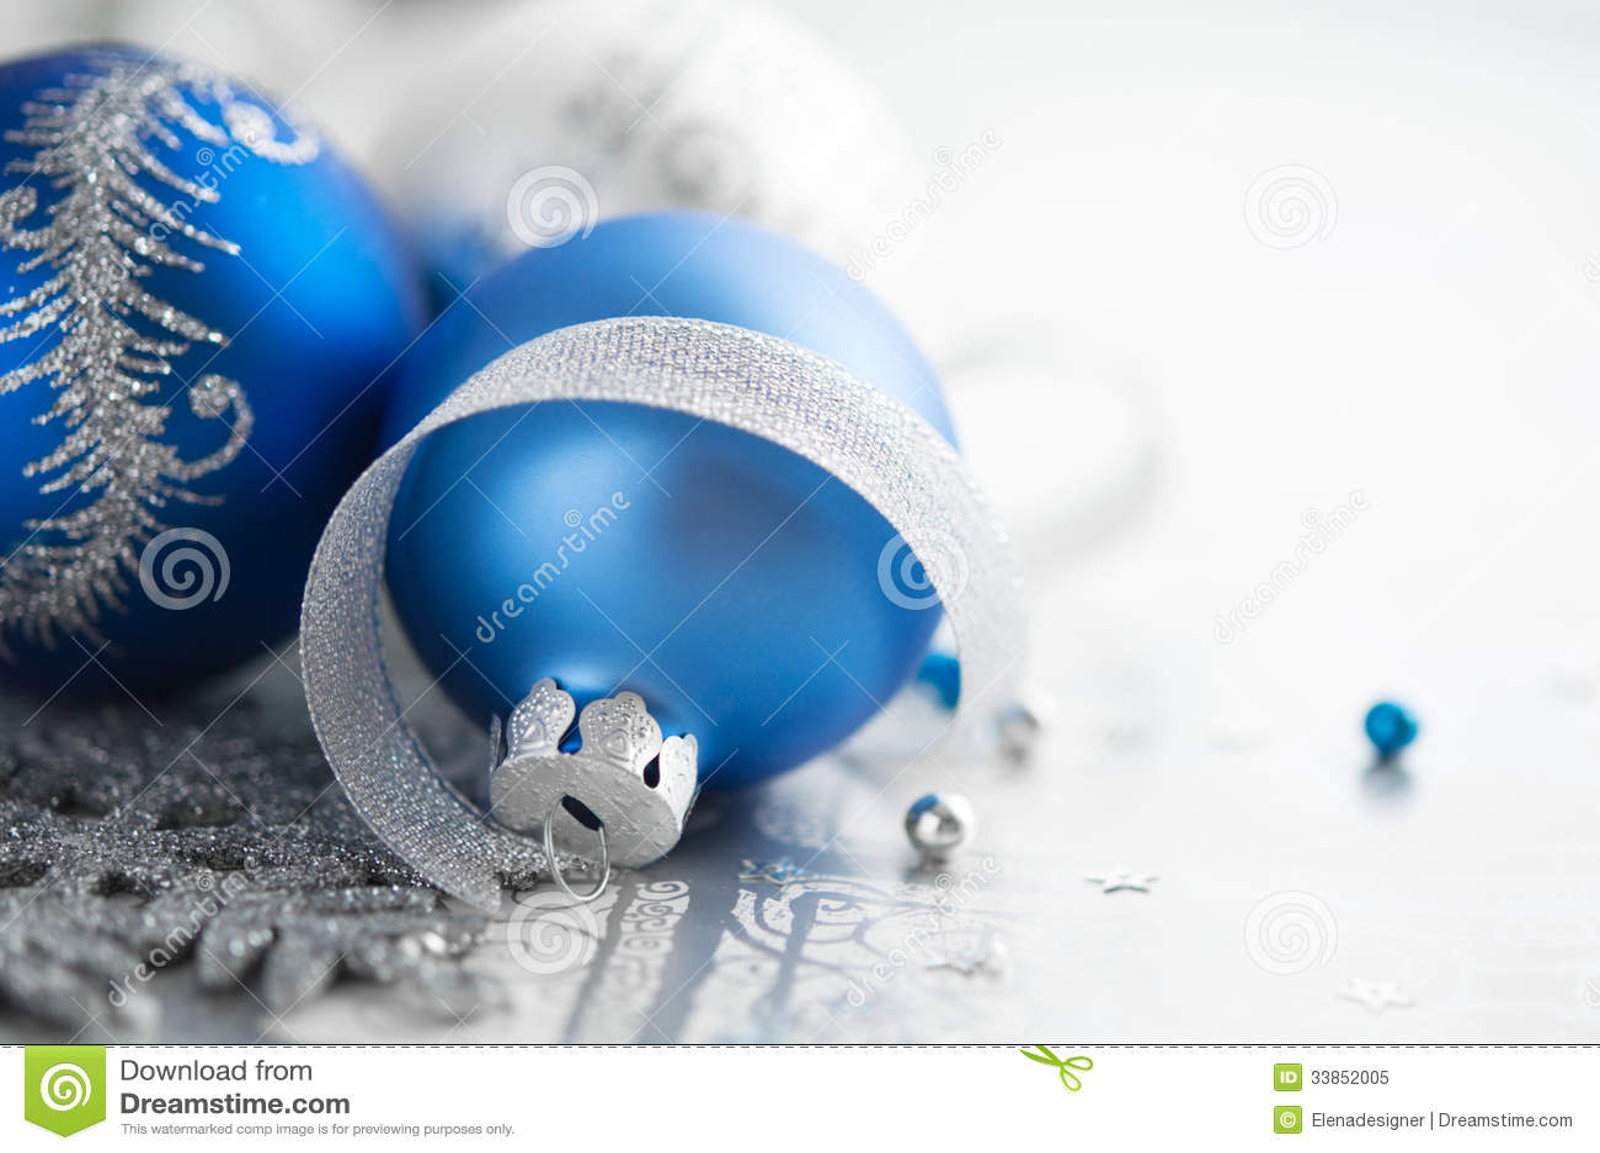 decoracao de arvore de natal azul e prata : decoracao de arvore de natal azul e prata:Foto de Stock Royalty Free: Decoração azul e de prata do Natal